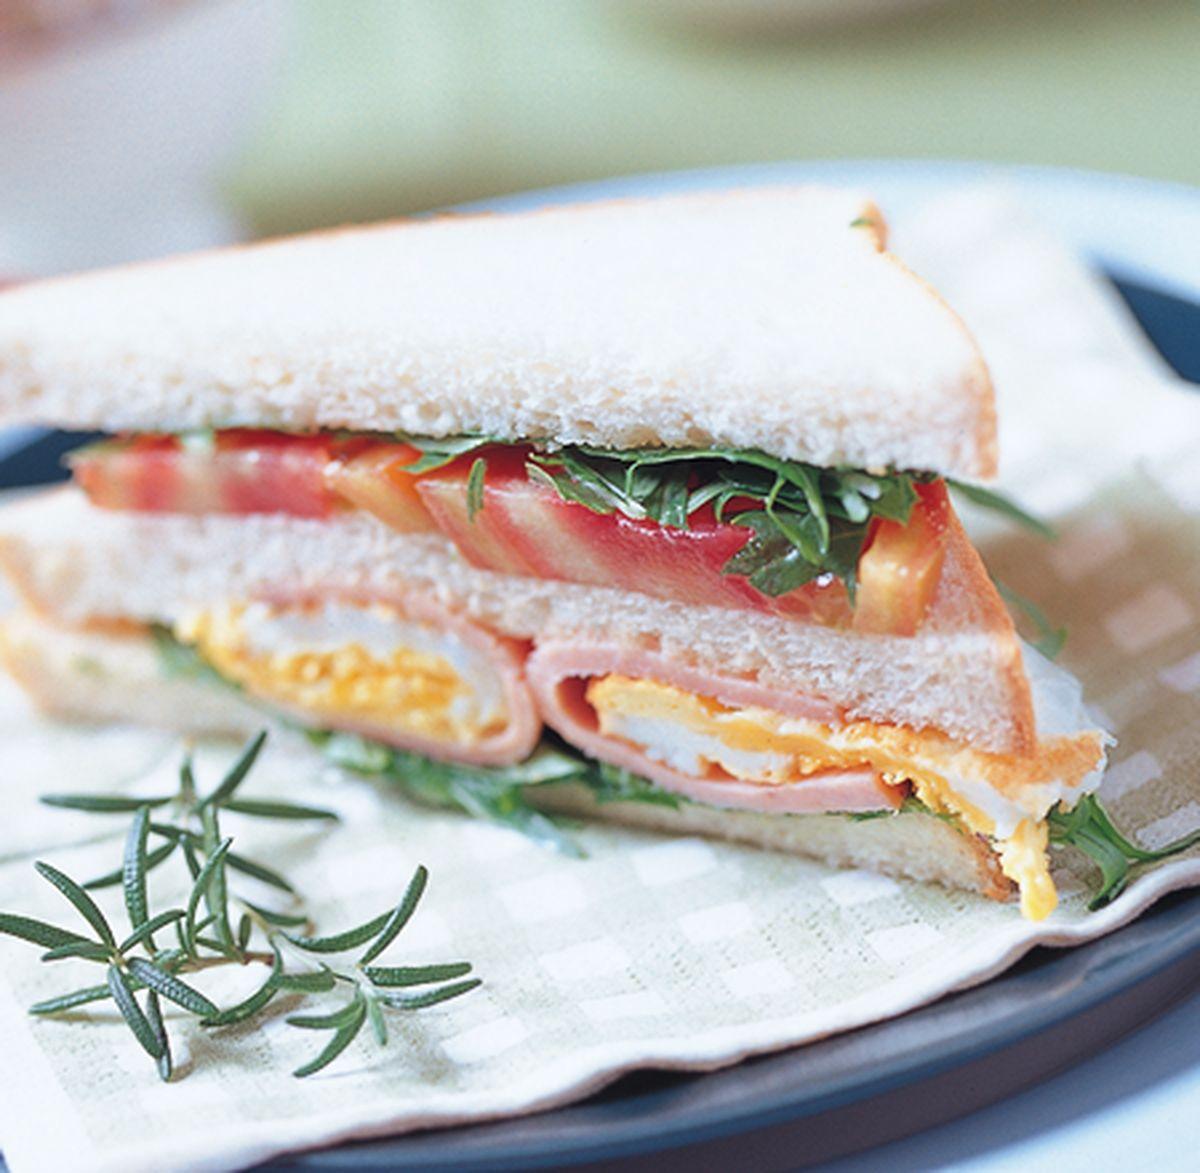 食譜:火雞肉煎蛋三明治